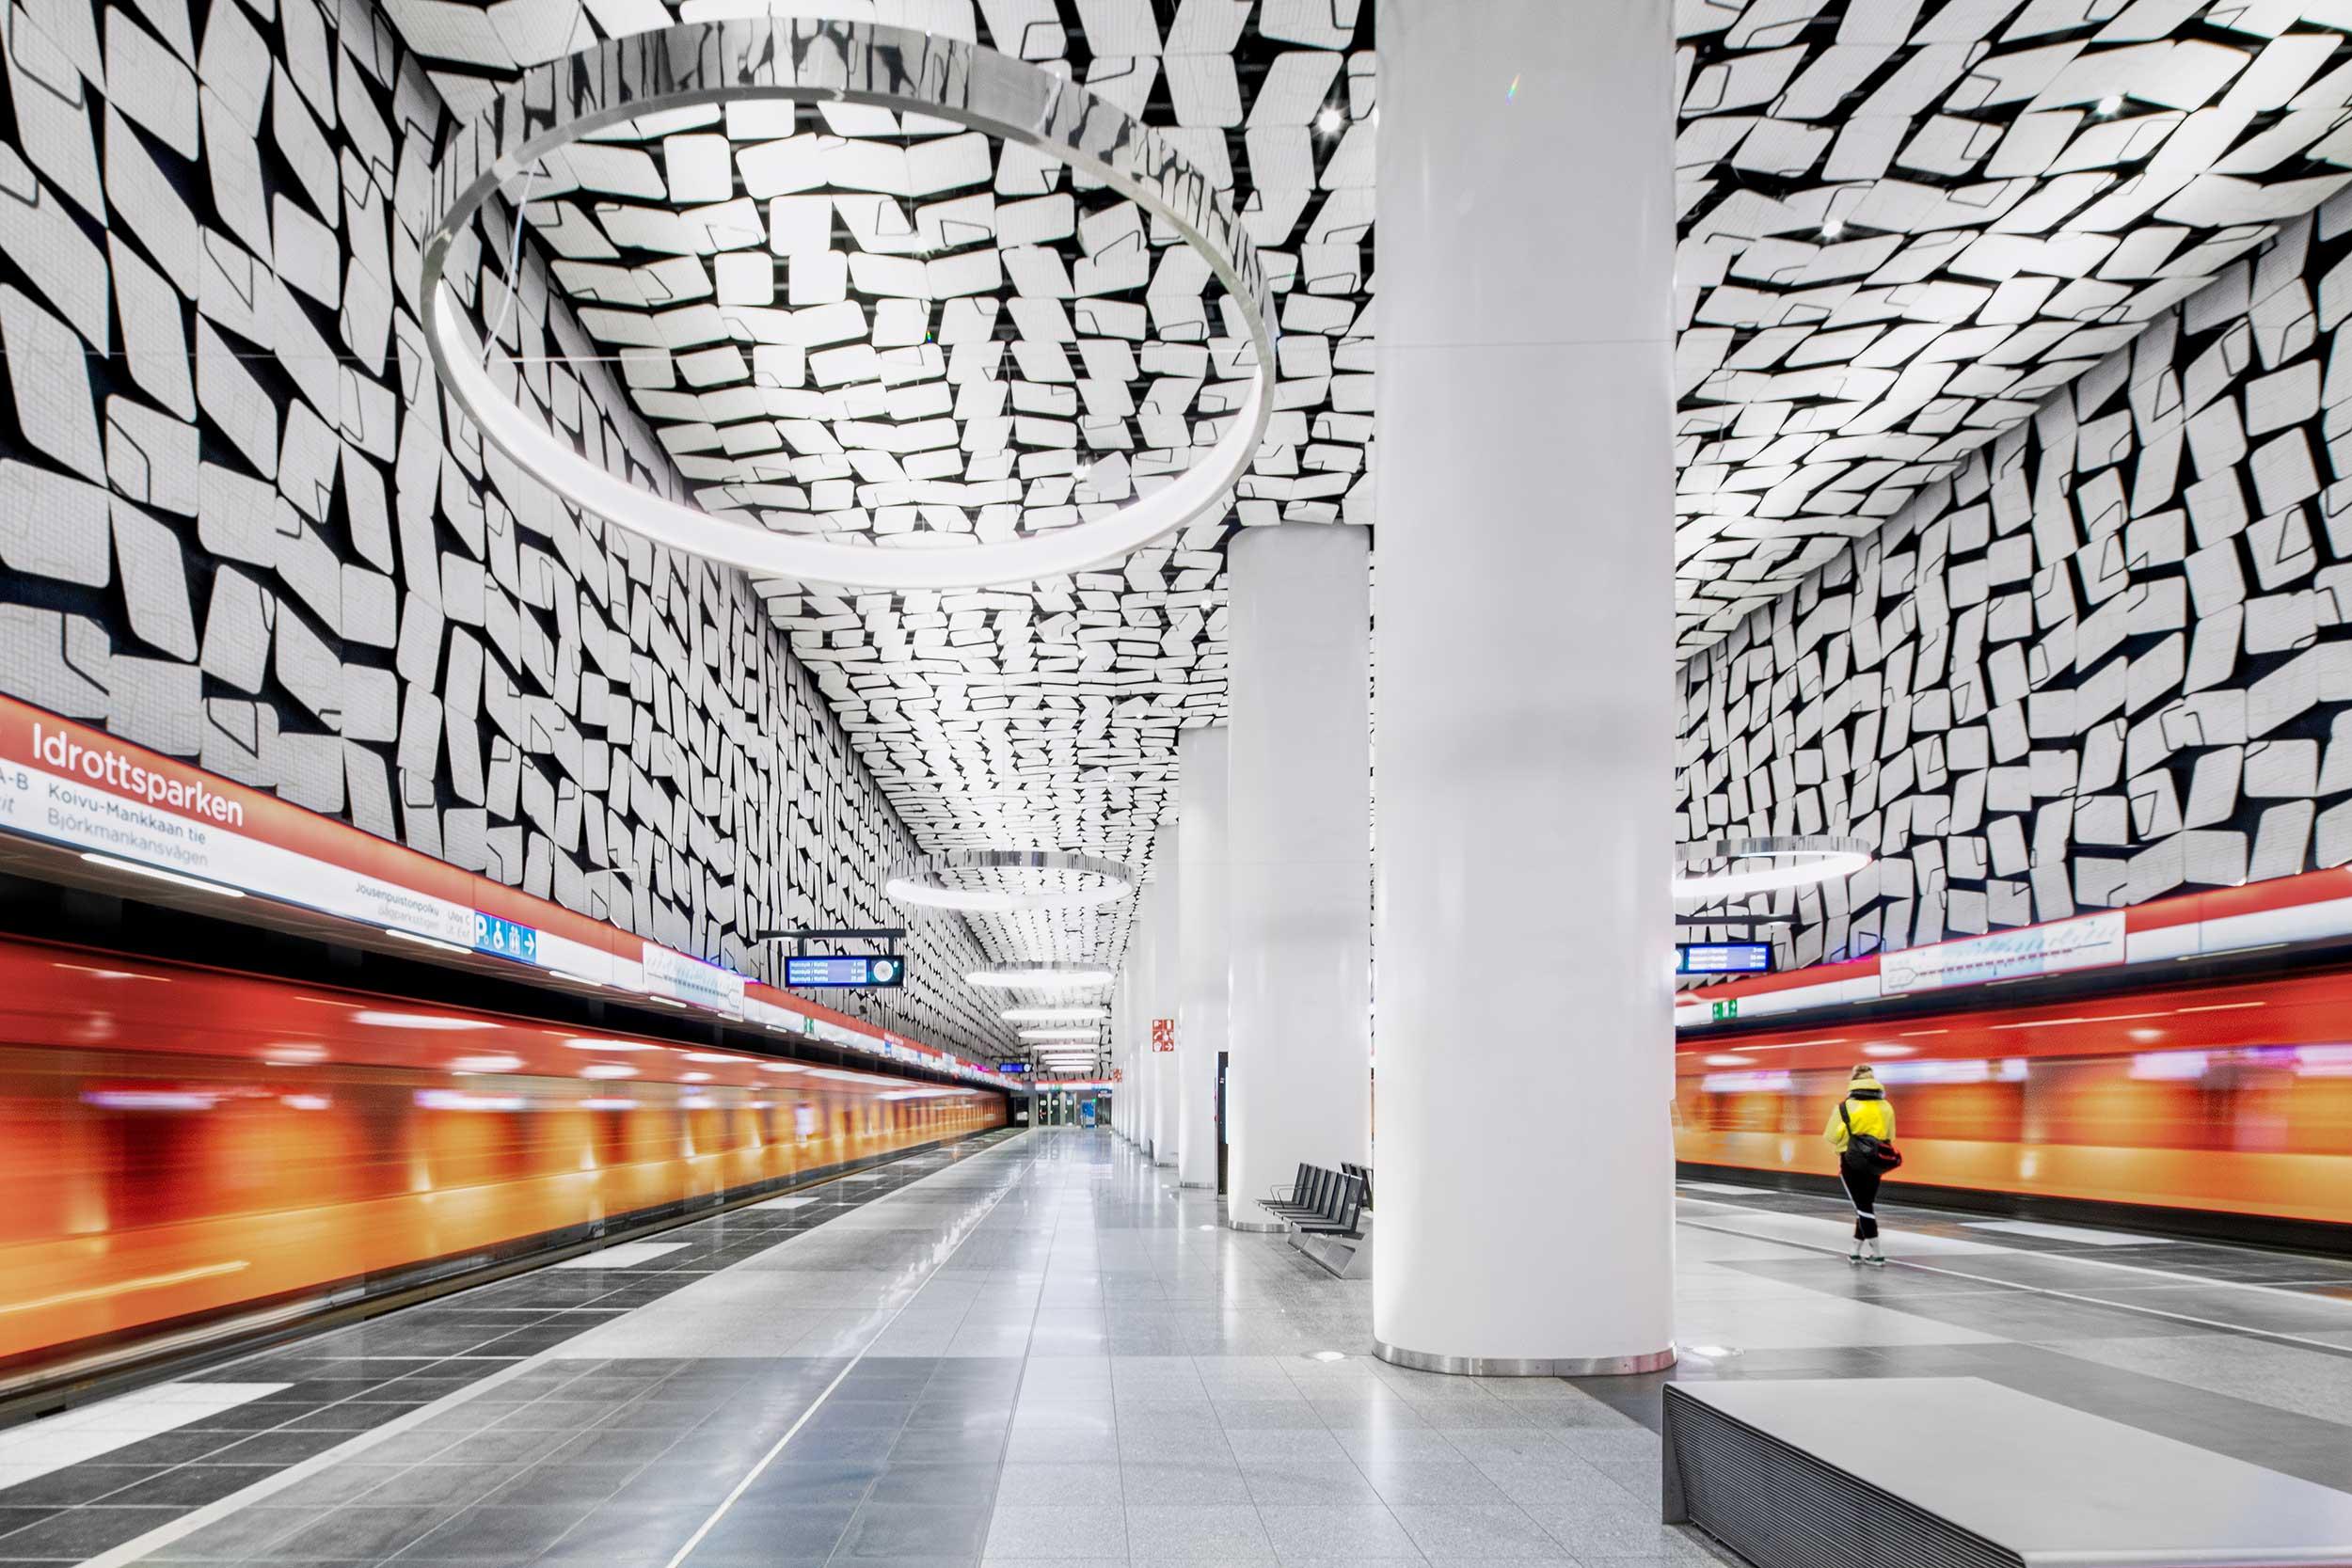 helsingin metroasema